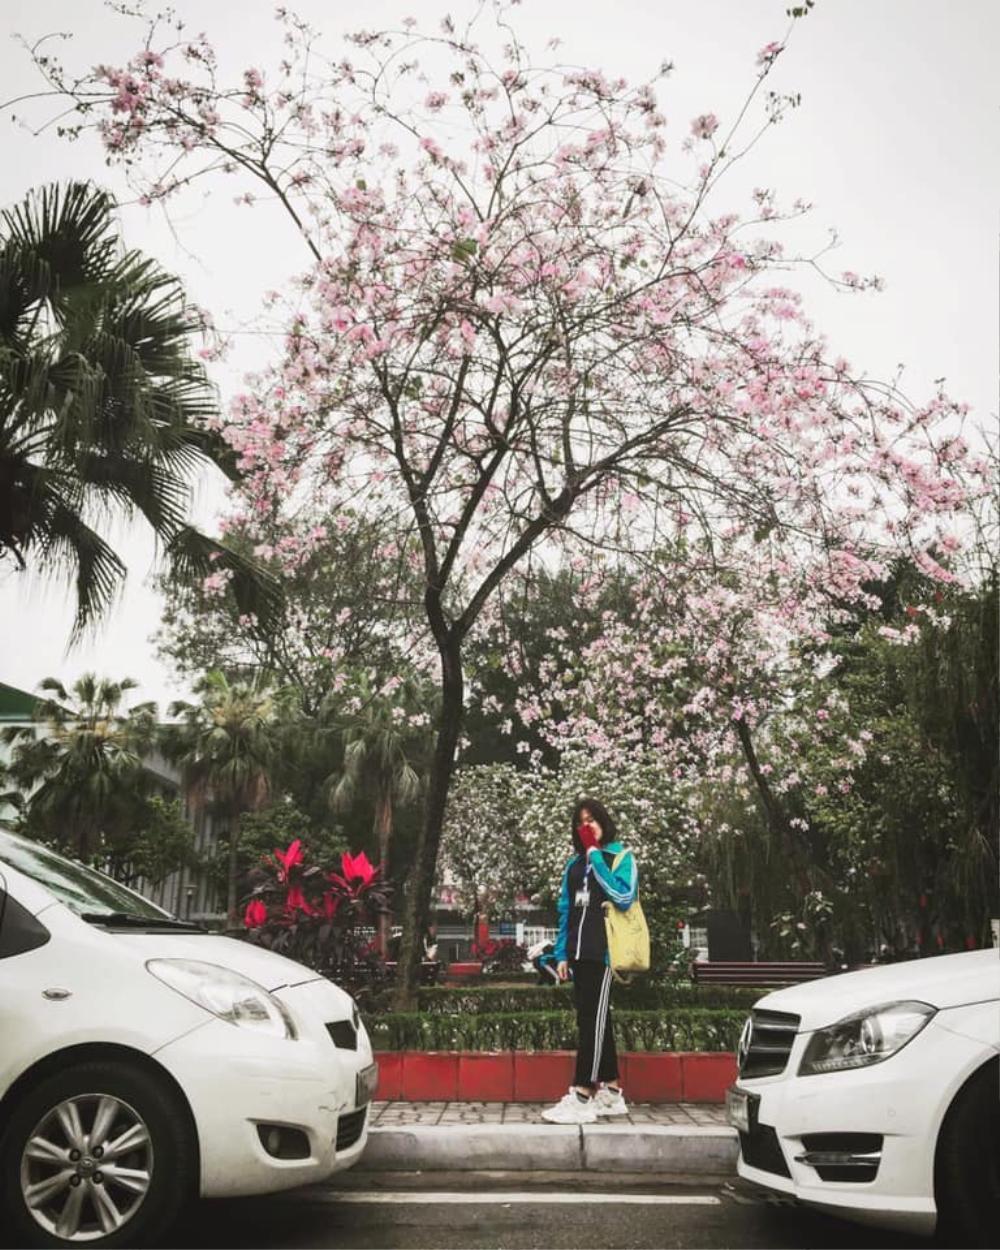 Tháng 2 này, đẹp nao lòng với ngôi trường ở Hà Nội nở rộ sắc tím hoa ban Ảnh 10